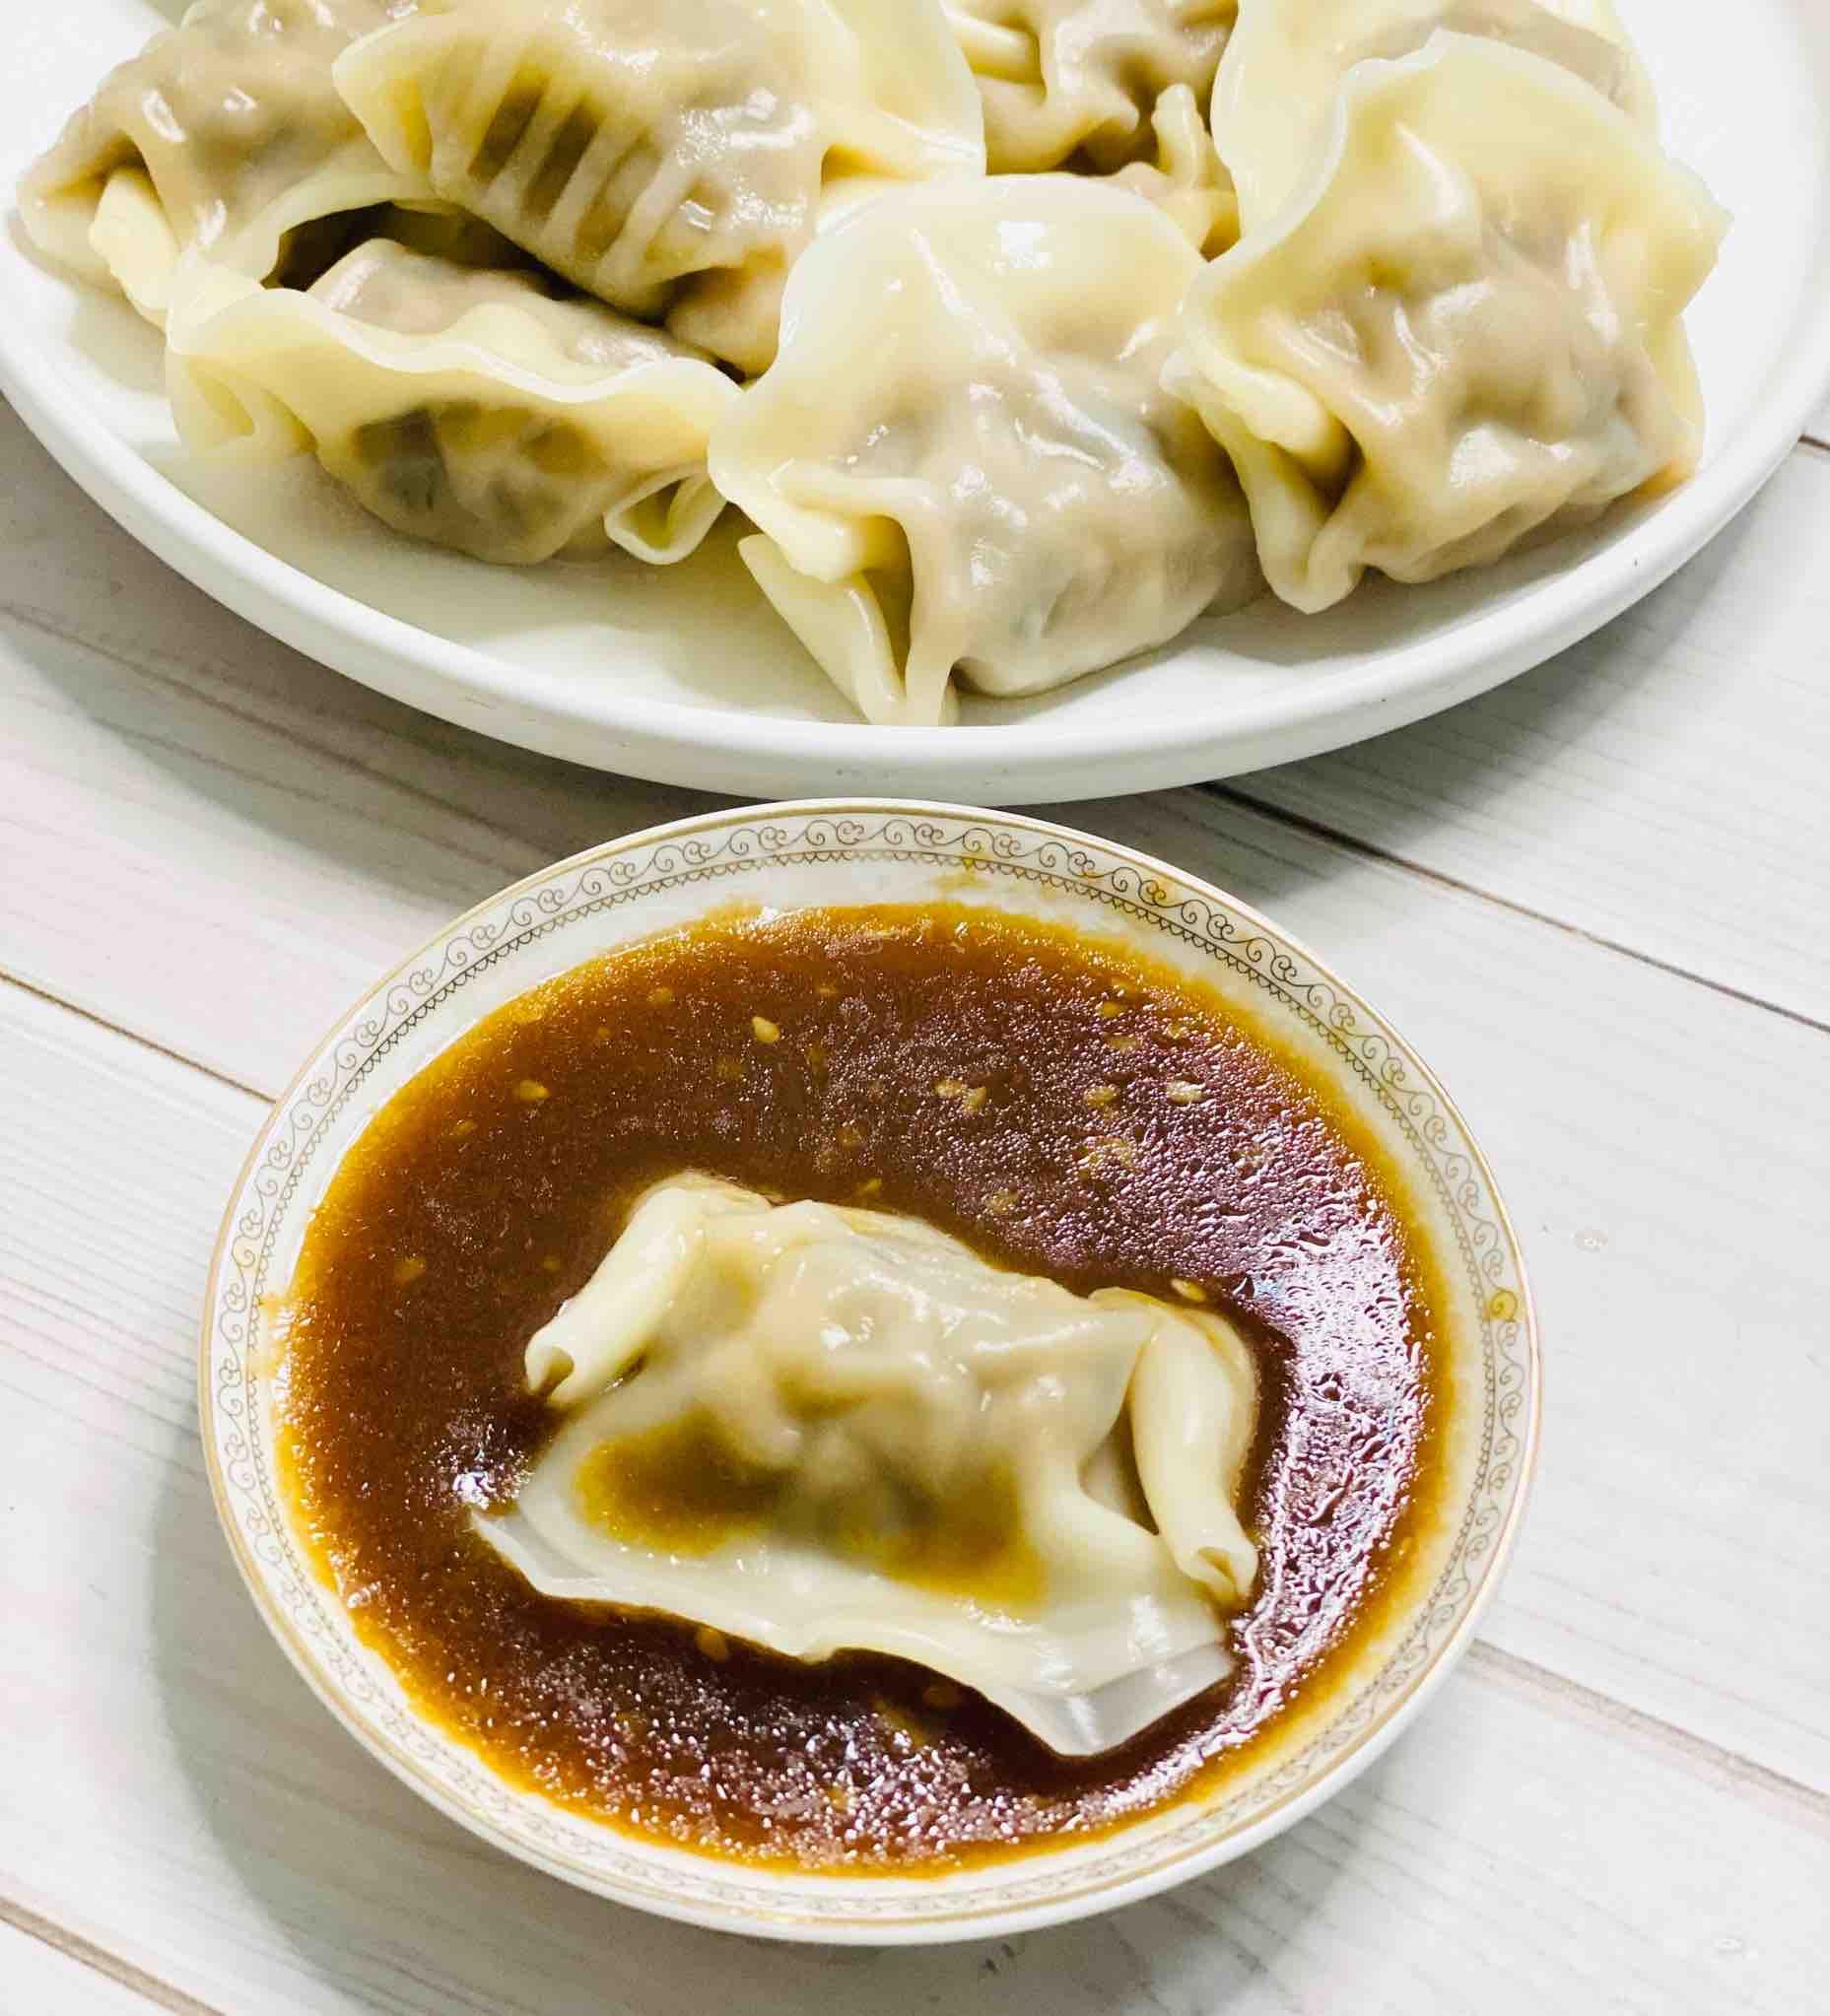 三鲜水饺,蘸万能酱汁很美味怎么煮